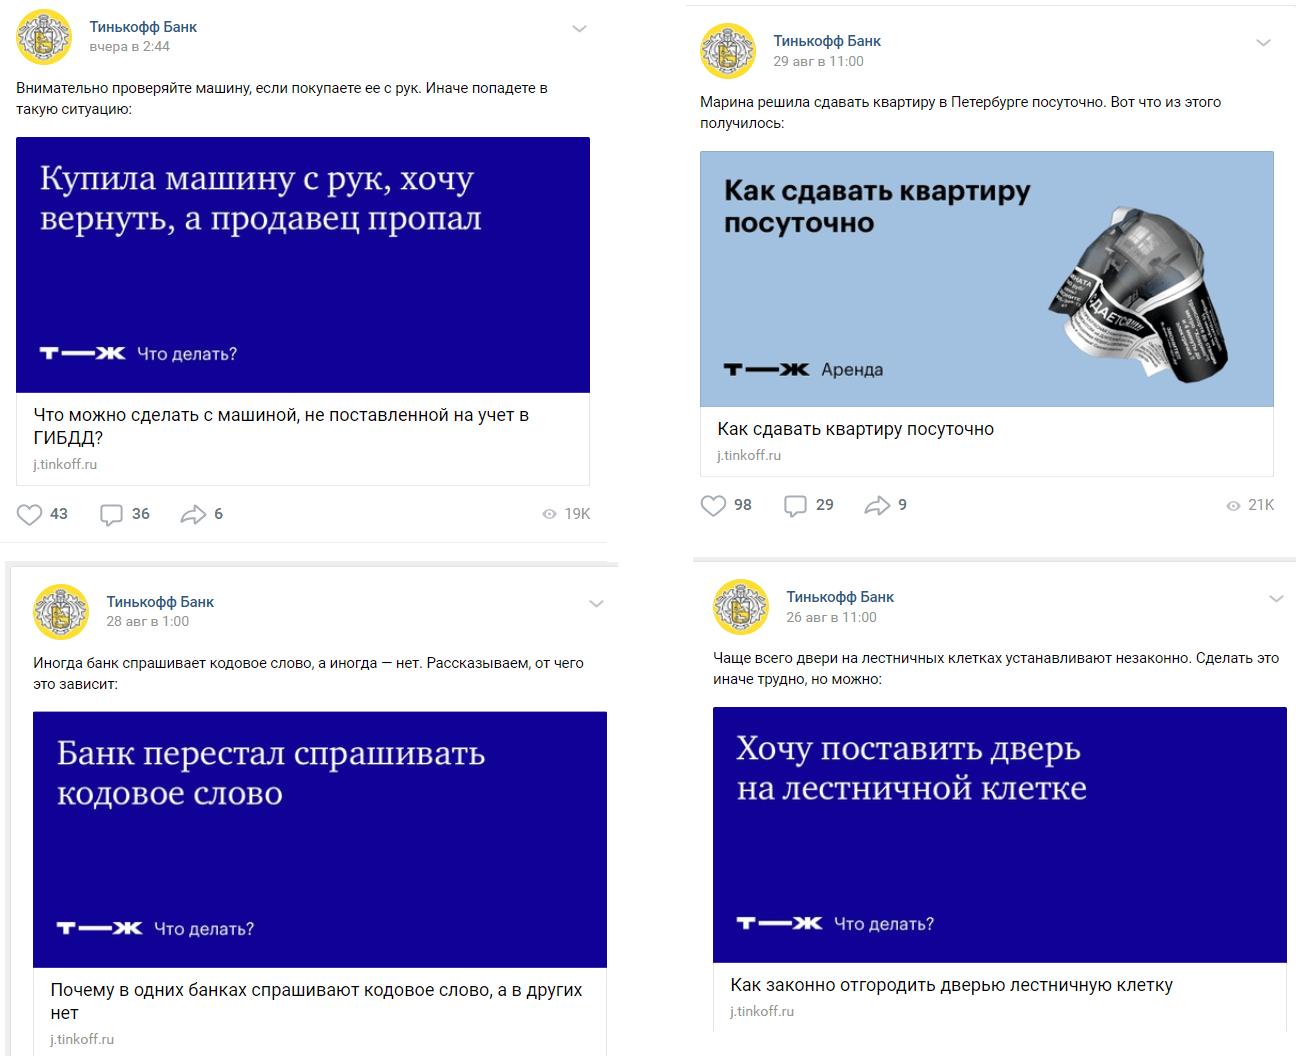 Примеры полезных советов от Тинькофф Банк.png